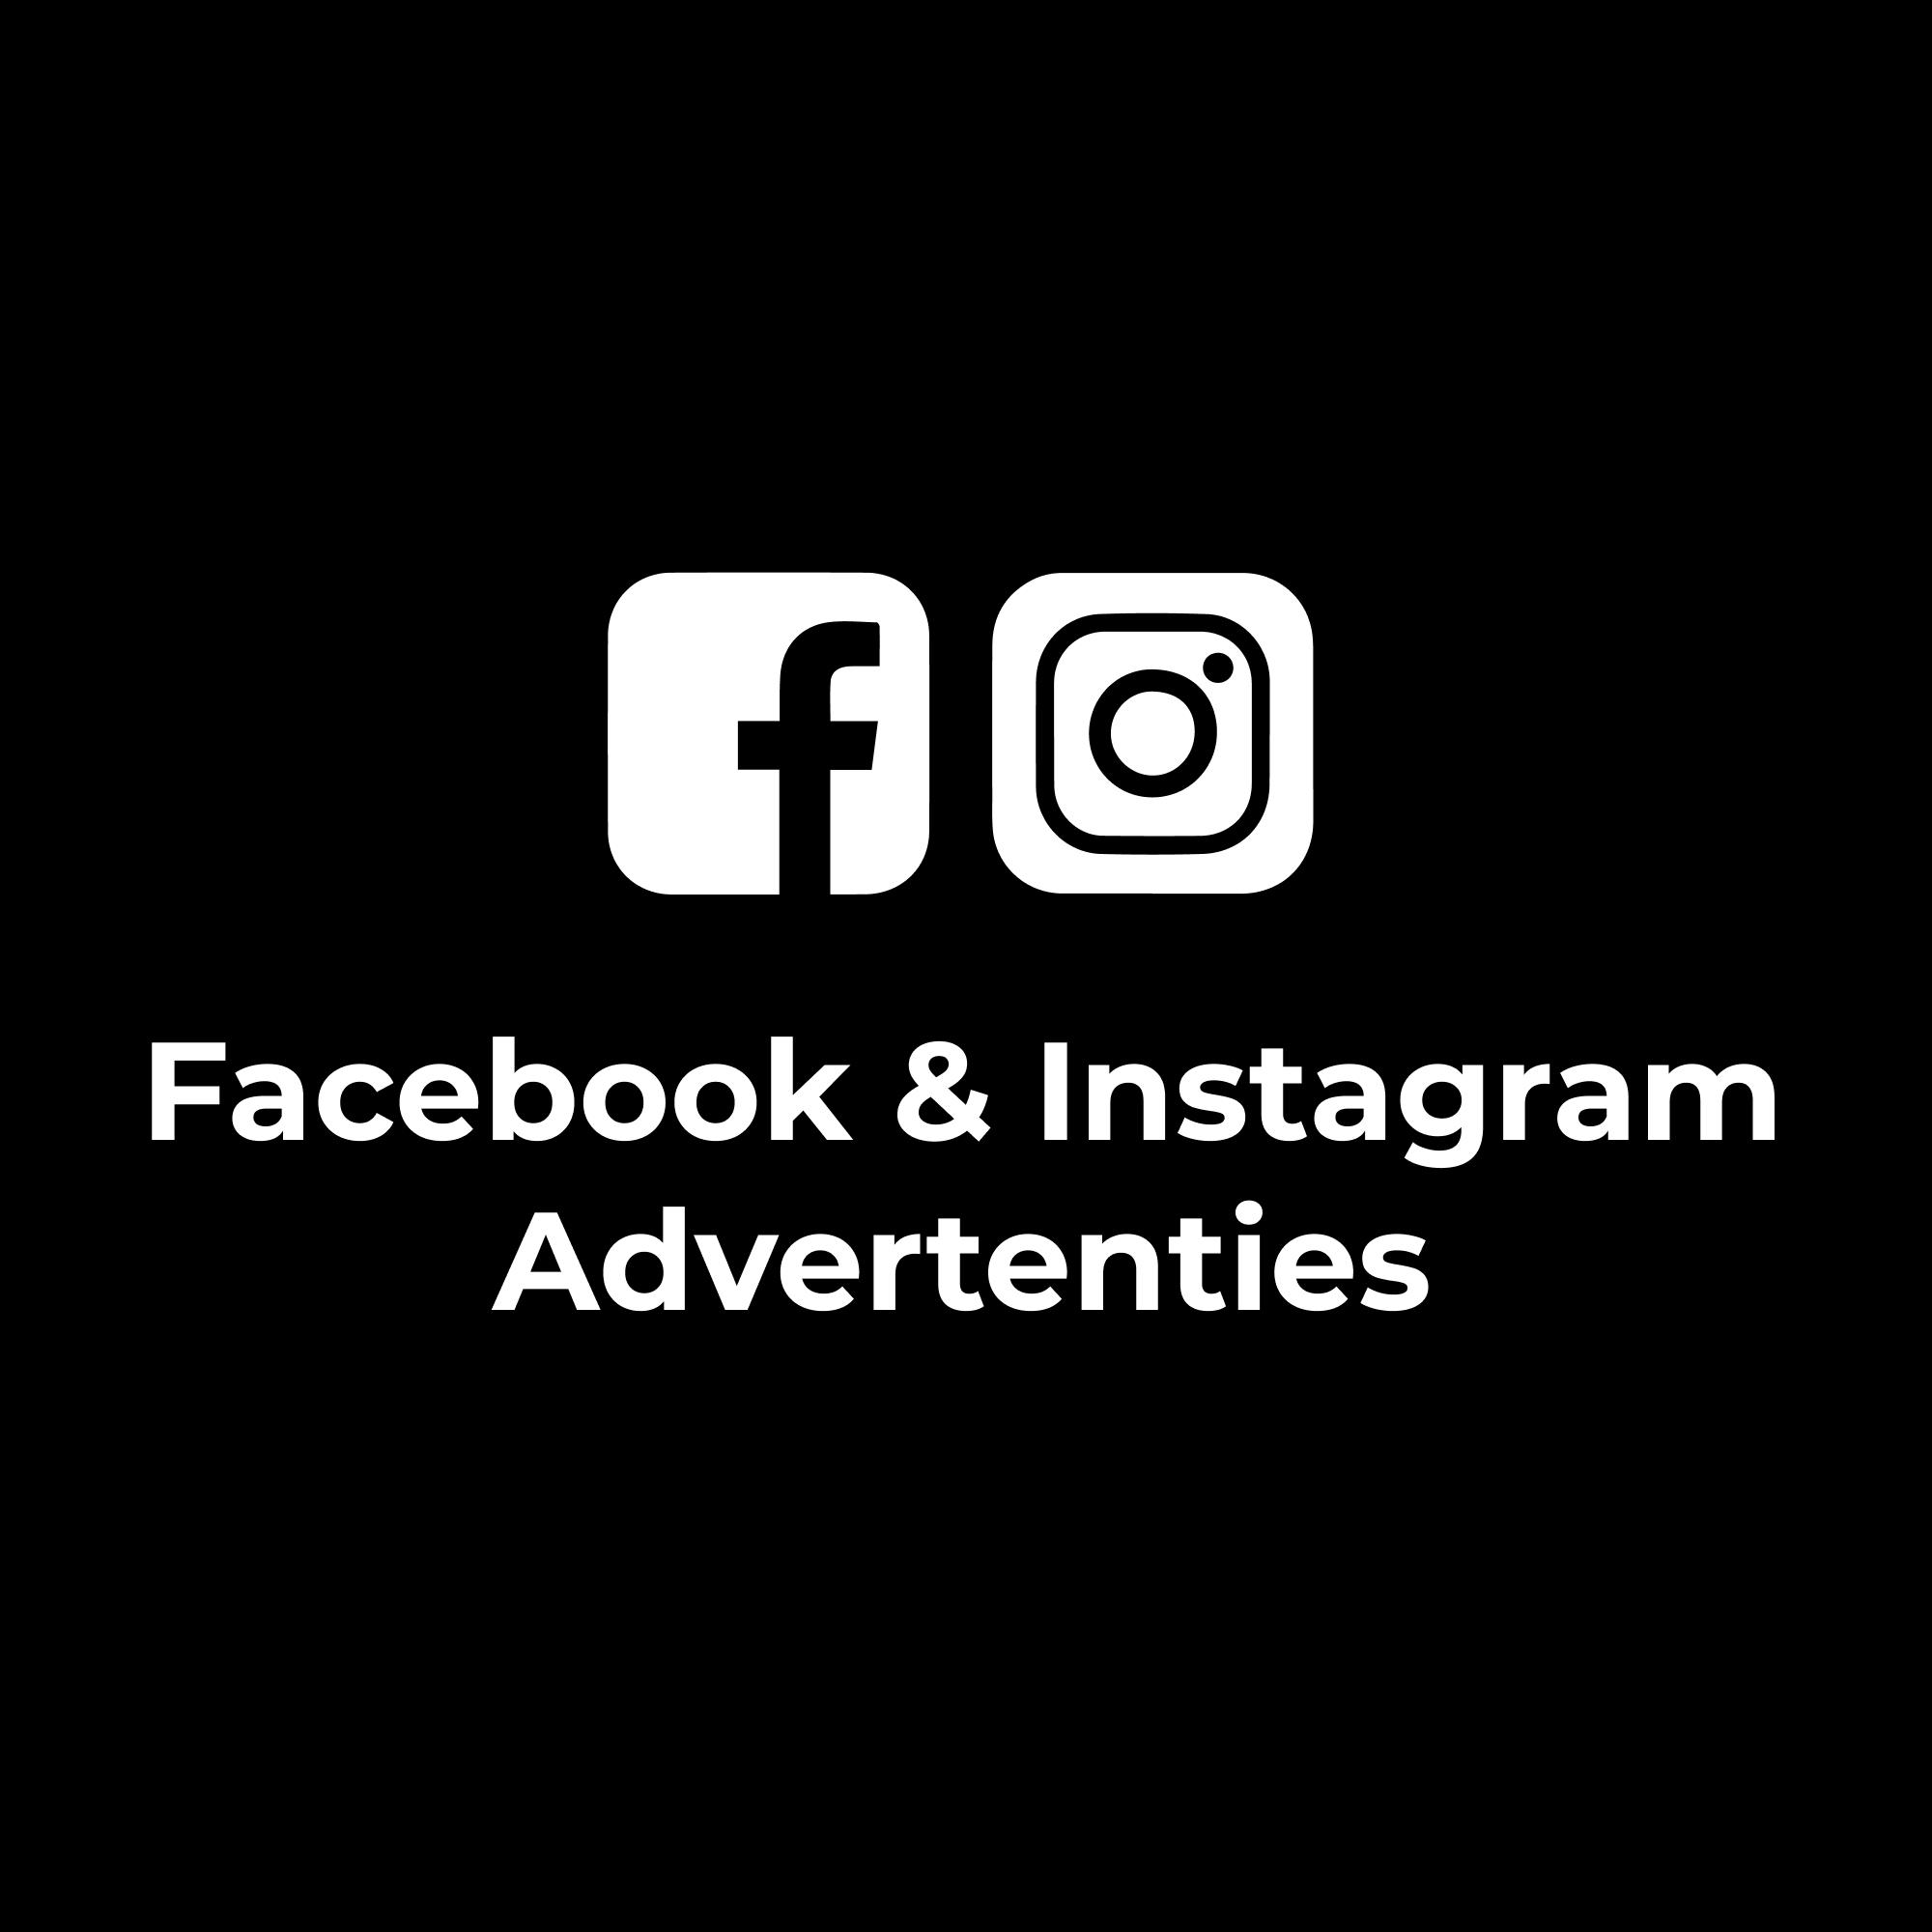 Facebook & Instagram Advertenties